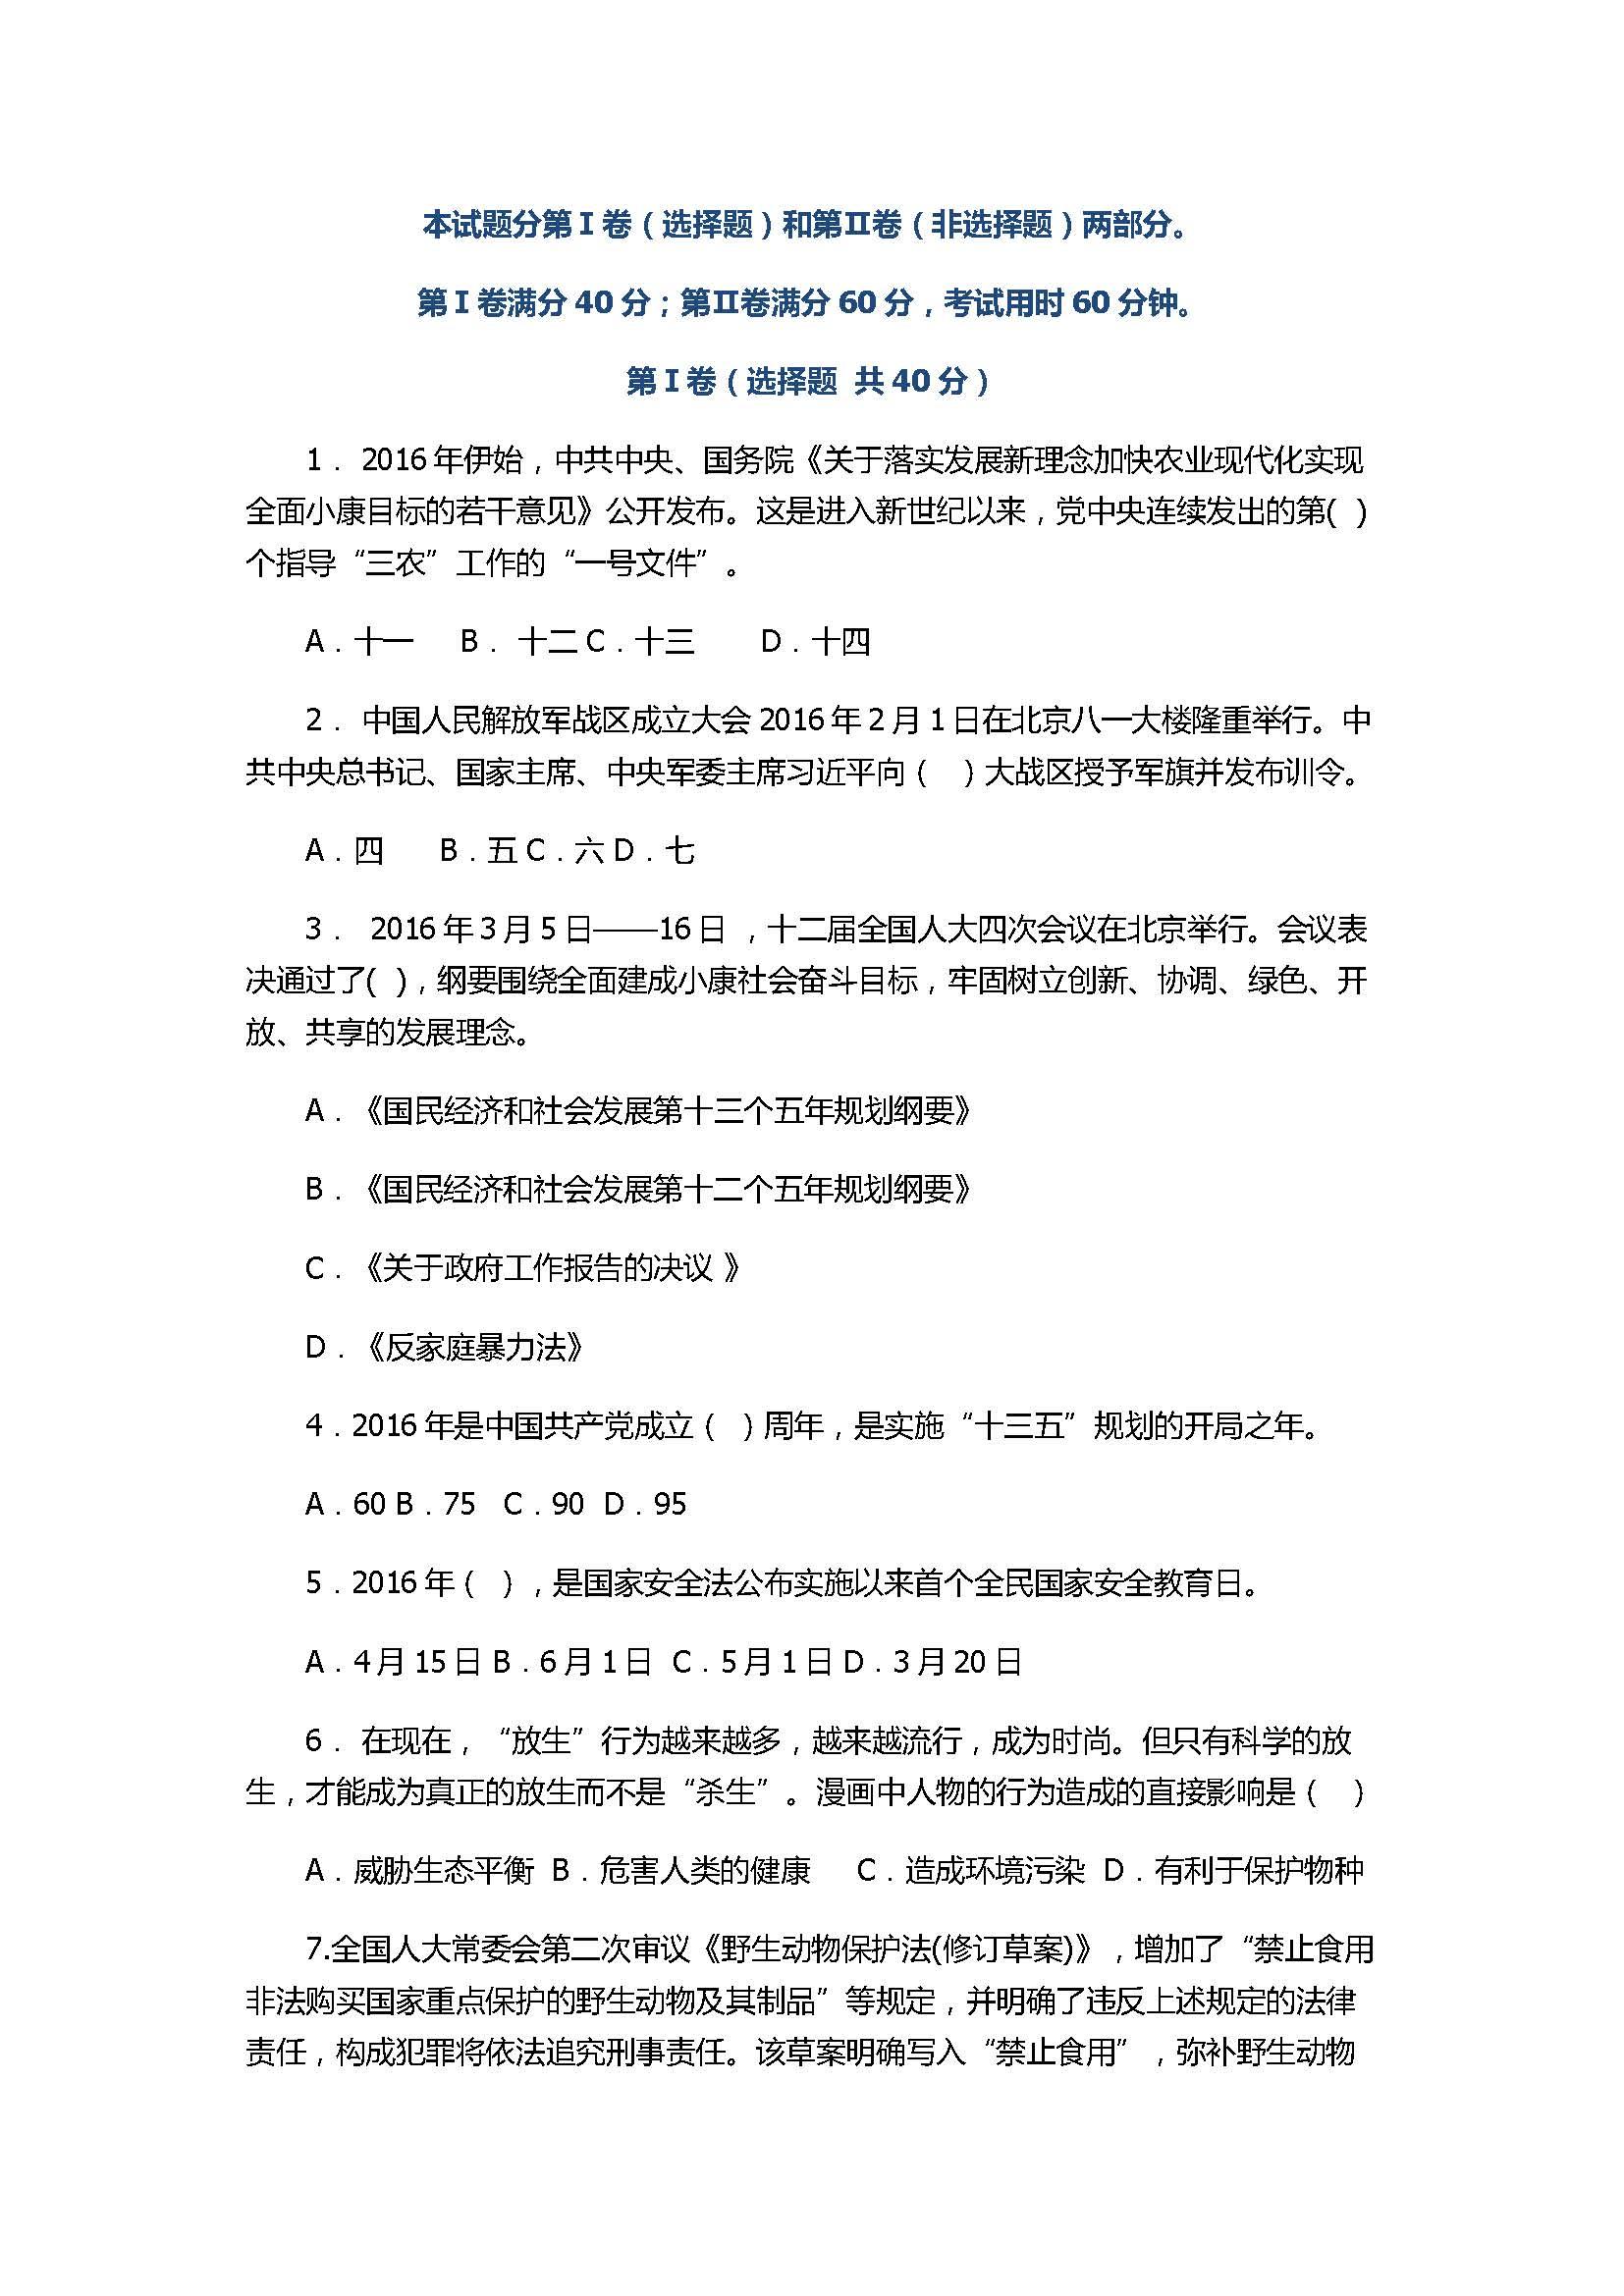 鲁教版2017八年级政治下册期末试题含参考答案(山东省商河县)